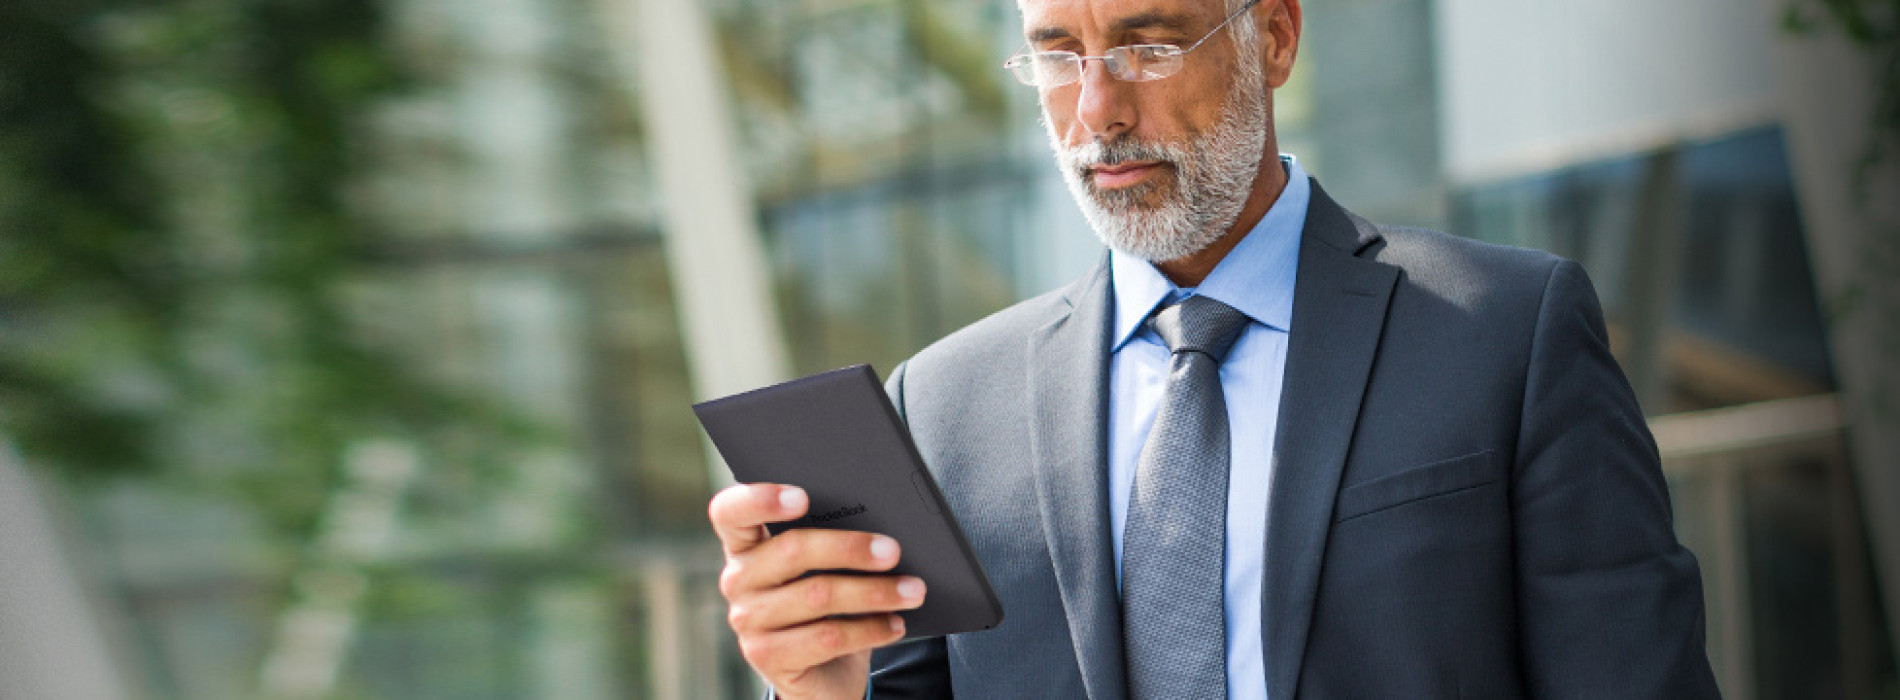 E-book čtečka pro seniory (1. díl) – Jaké přináší výhody?